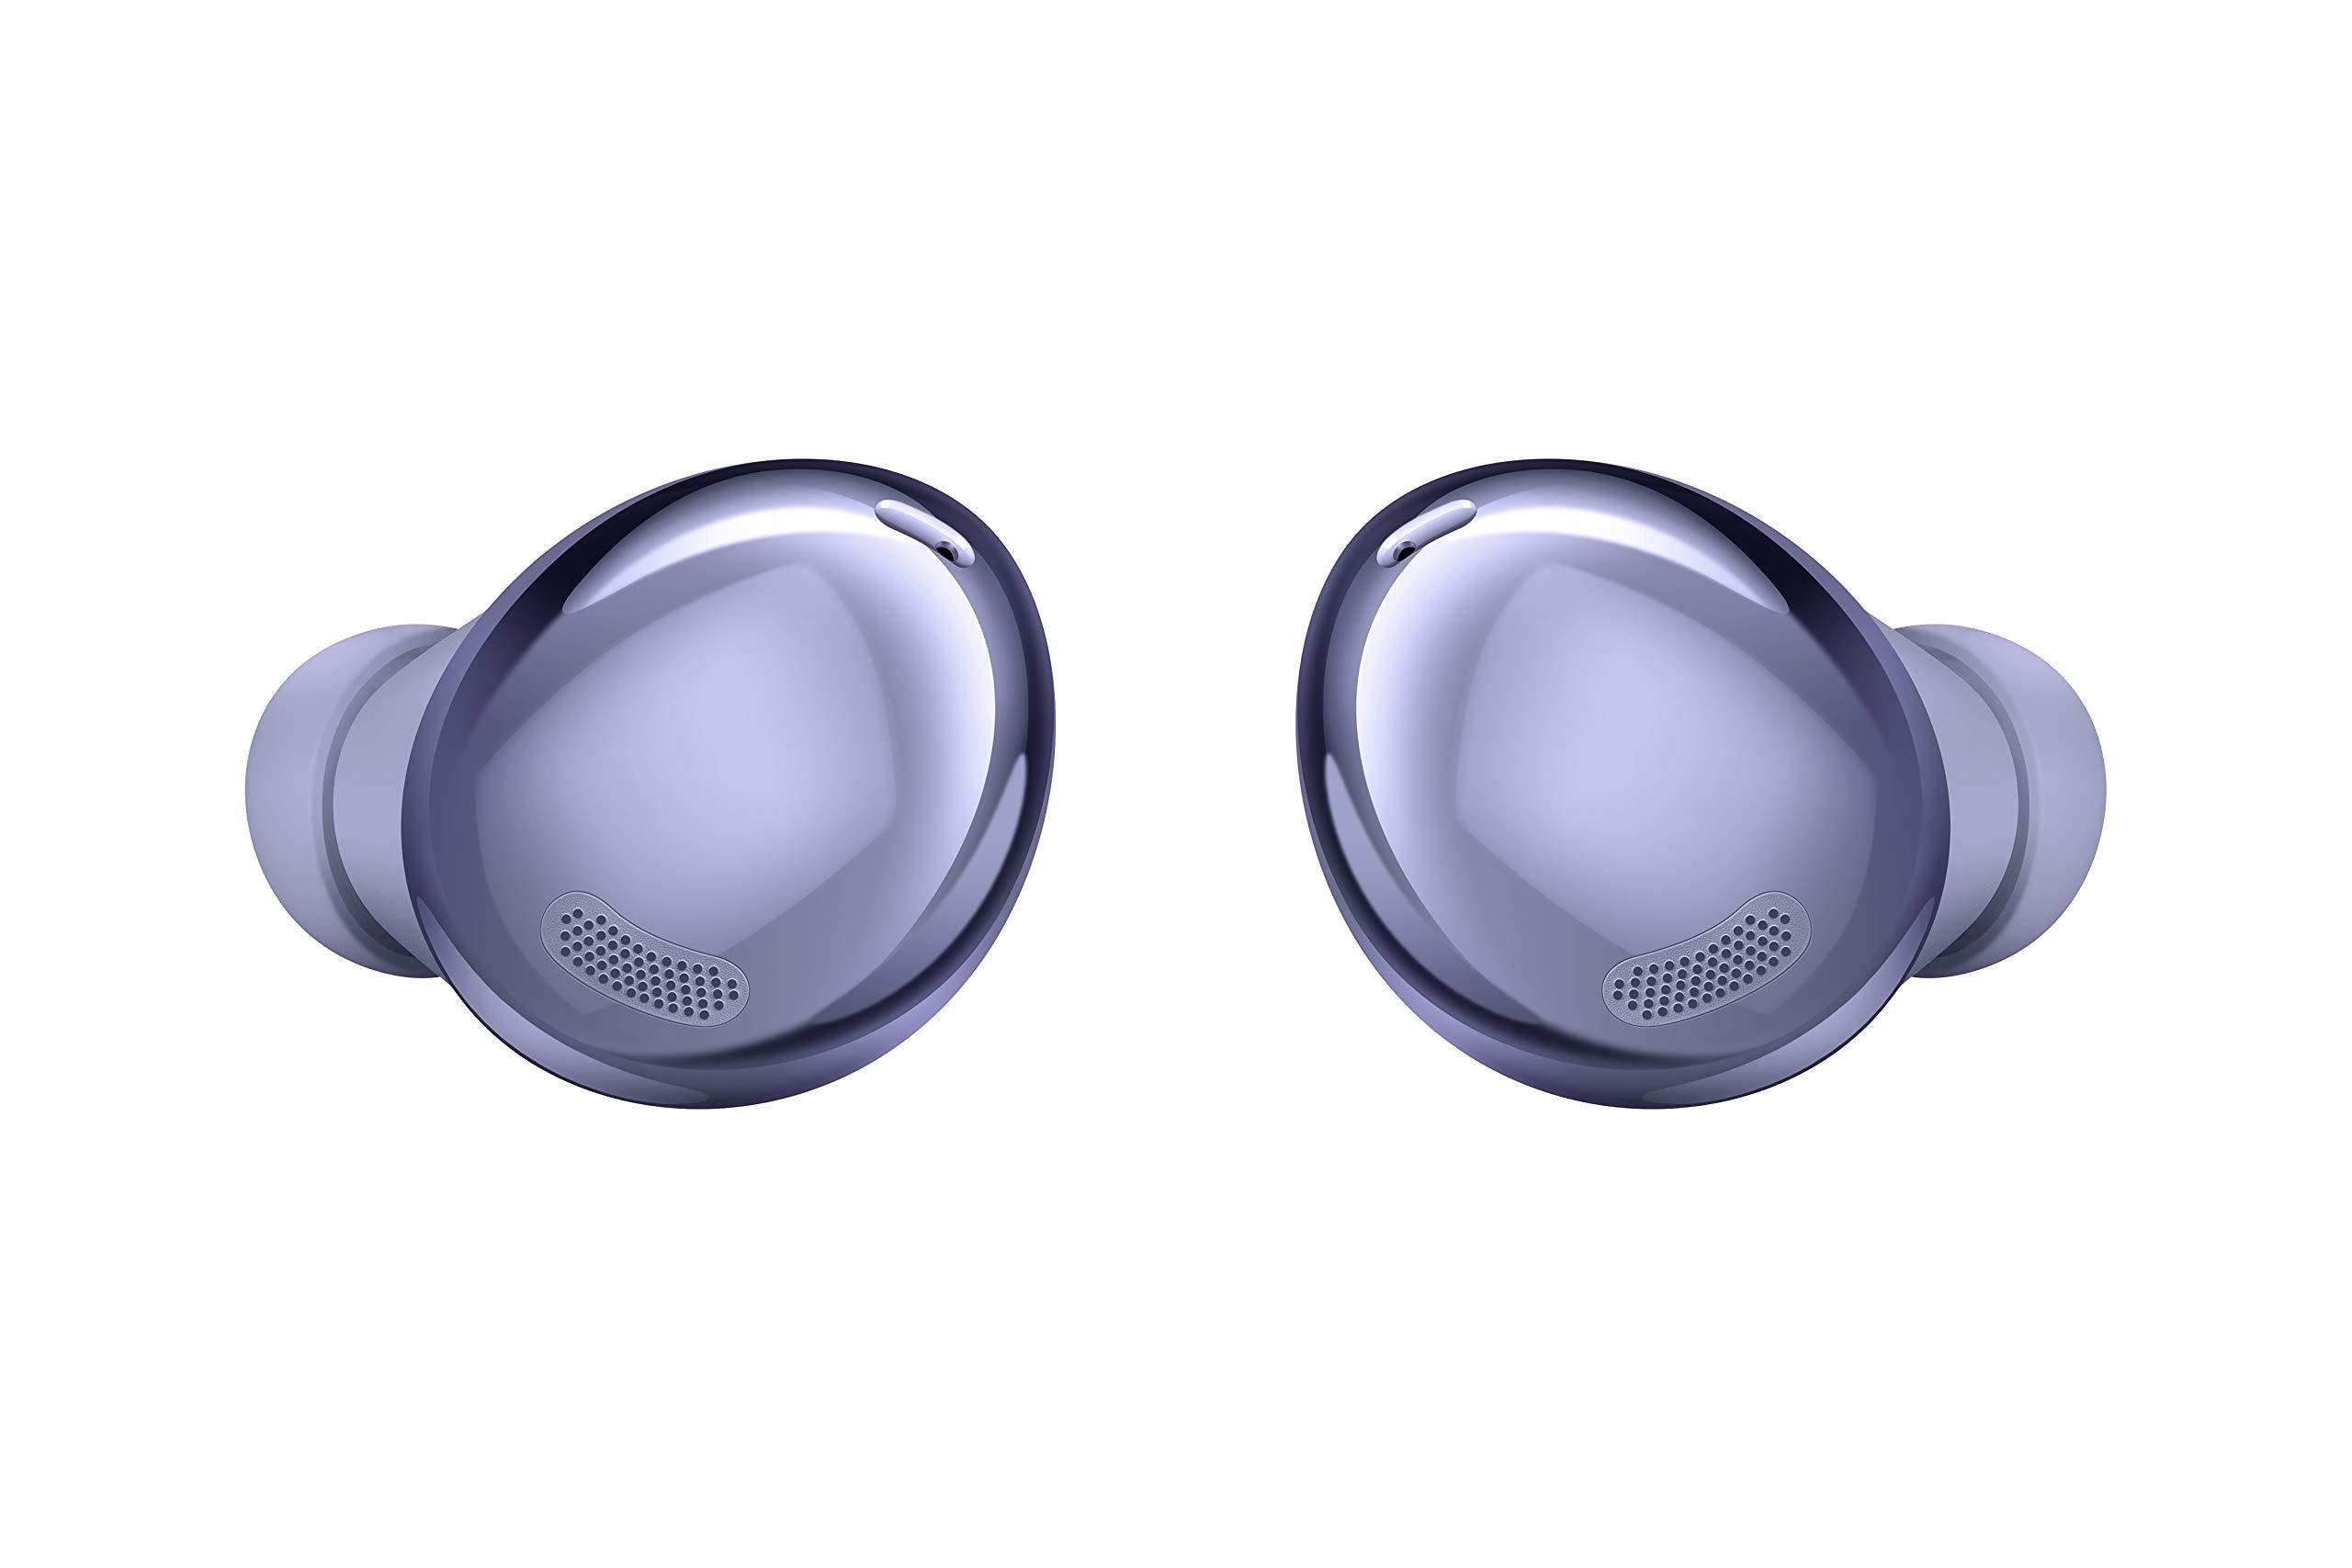 Samsung Galaxy Ear Buds Pro, Violet